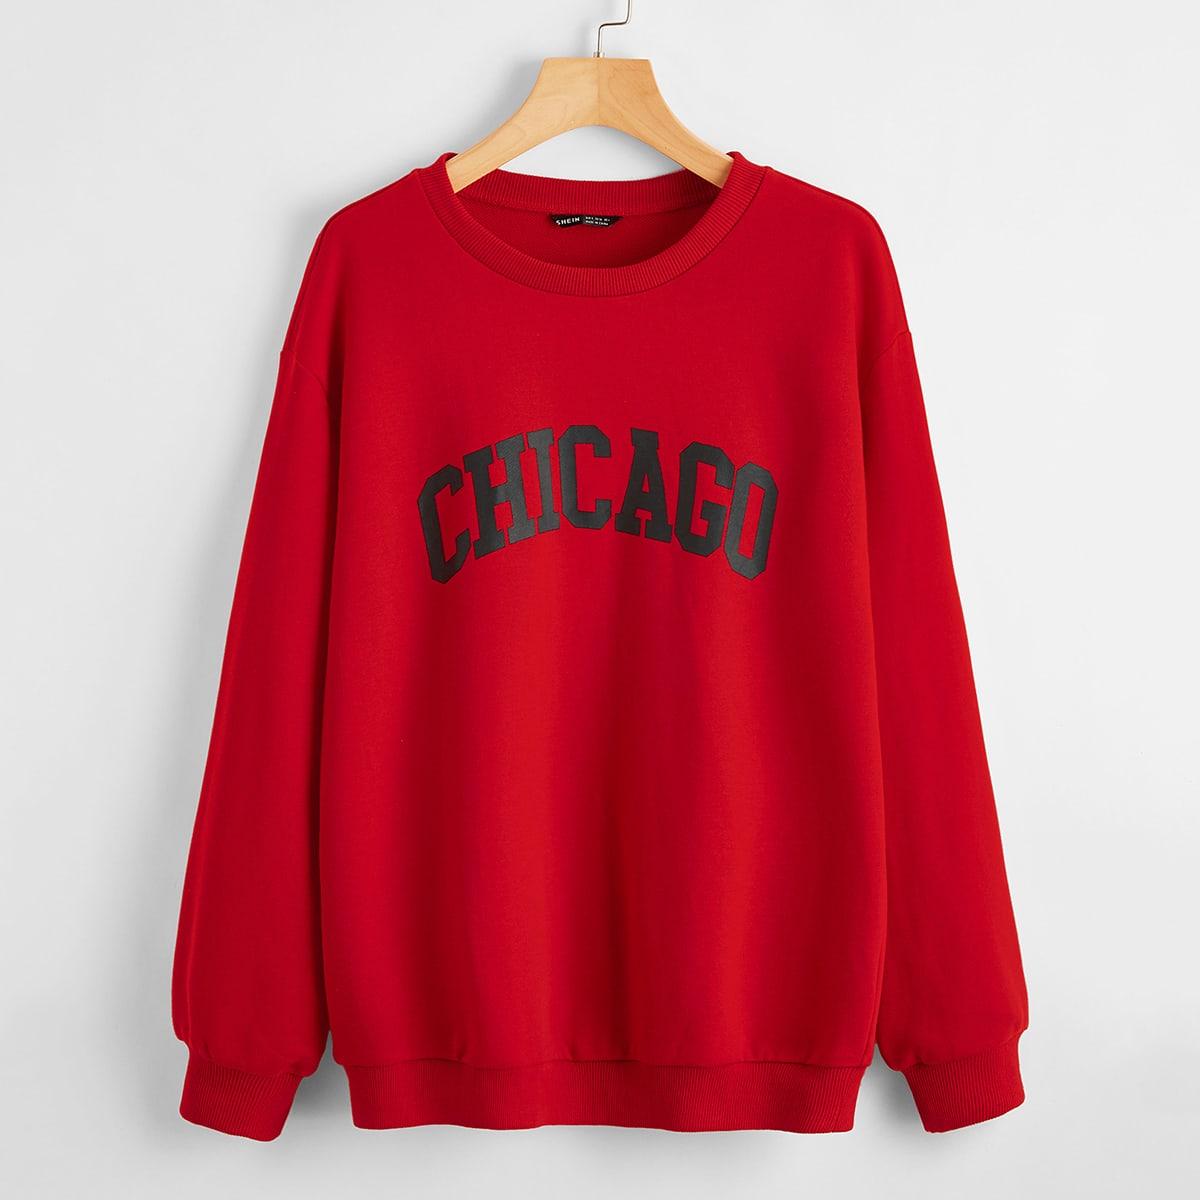 SHEIN / Chicago Graphic Drop Shoulder Sweatshirt